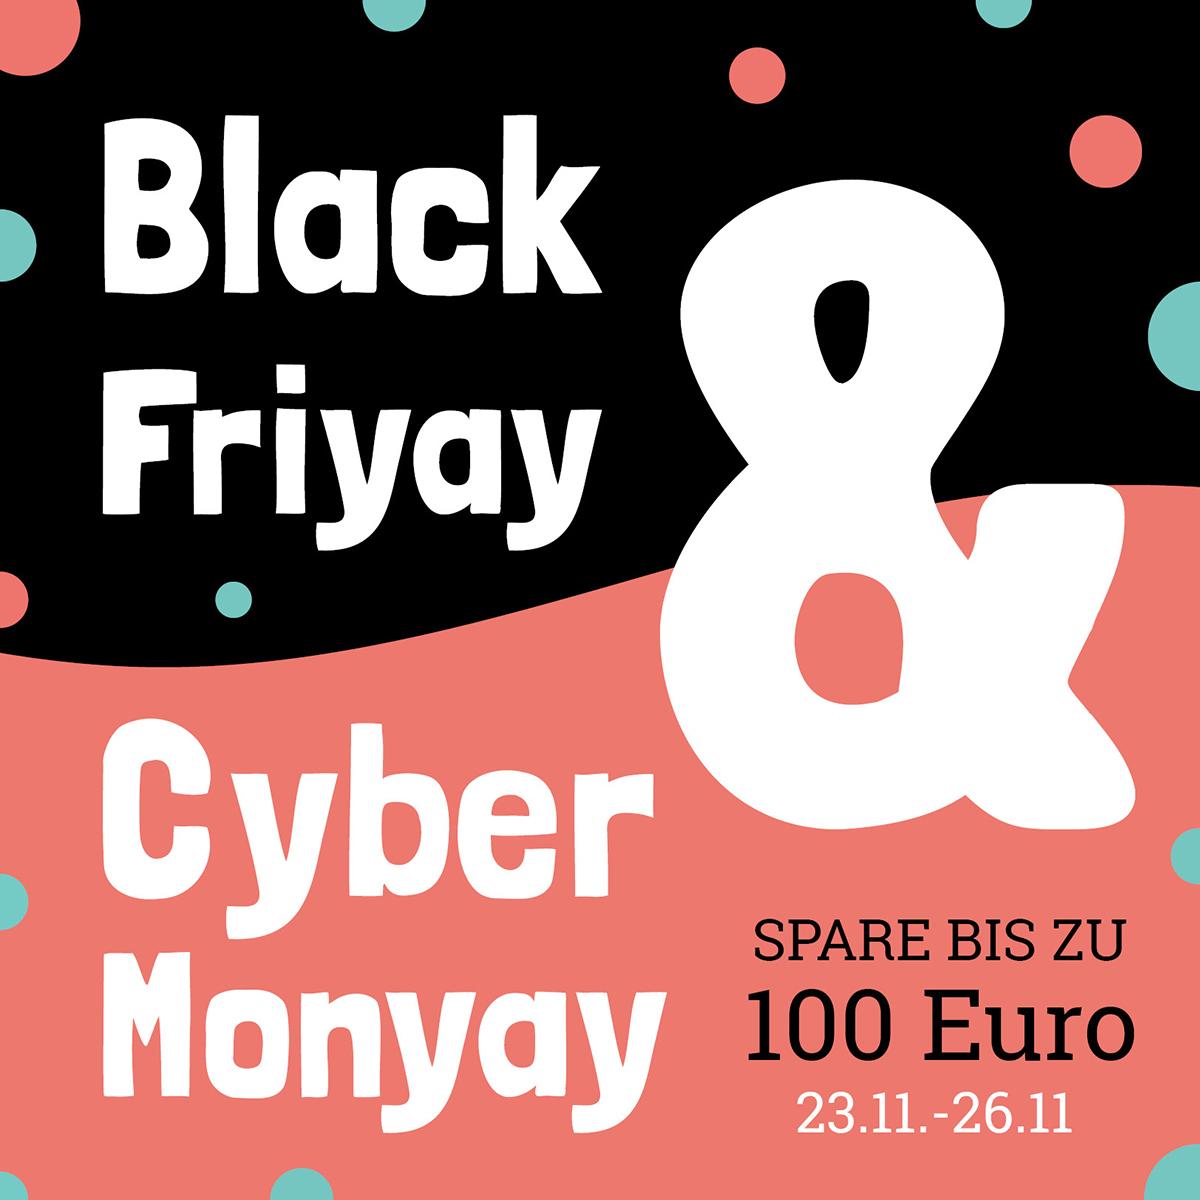 FamilienBande Cyber Aktion - BIS ZU 100€ sparen